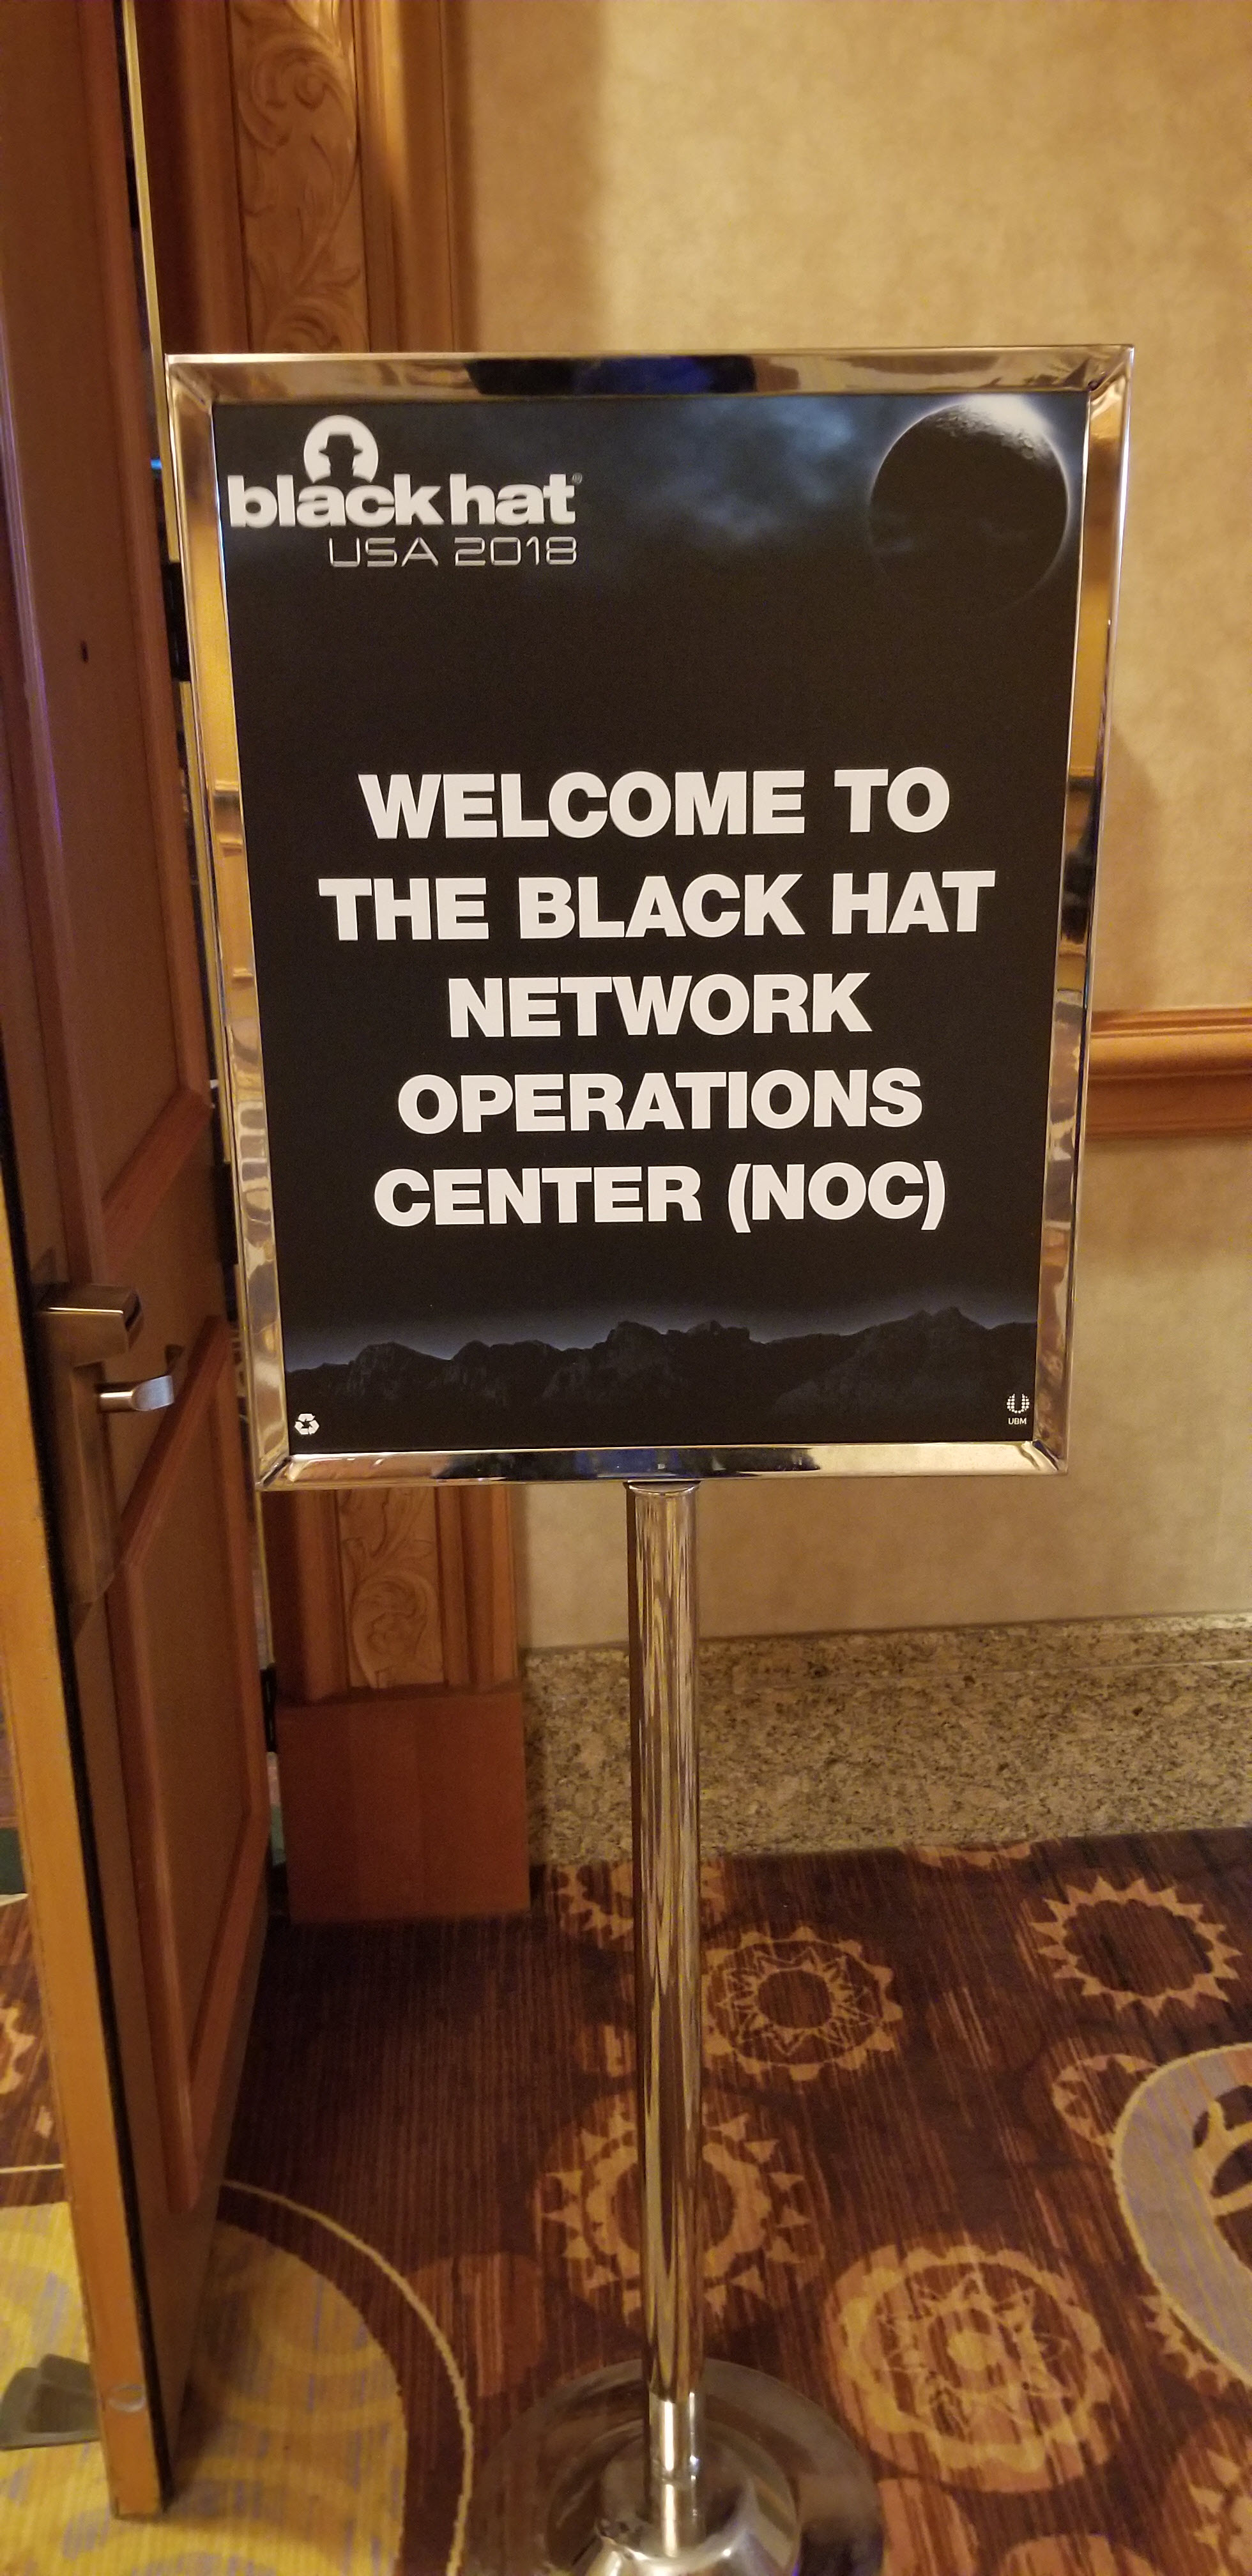 Black Hat USA 2018